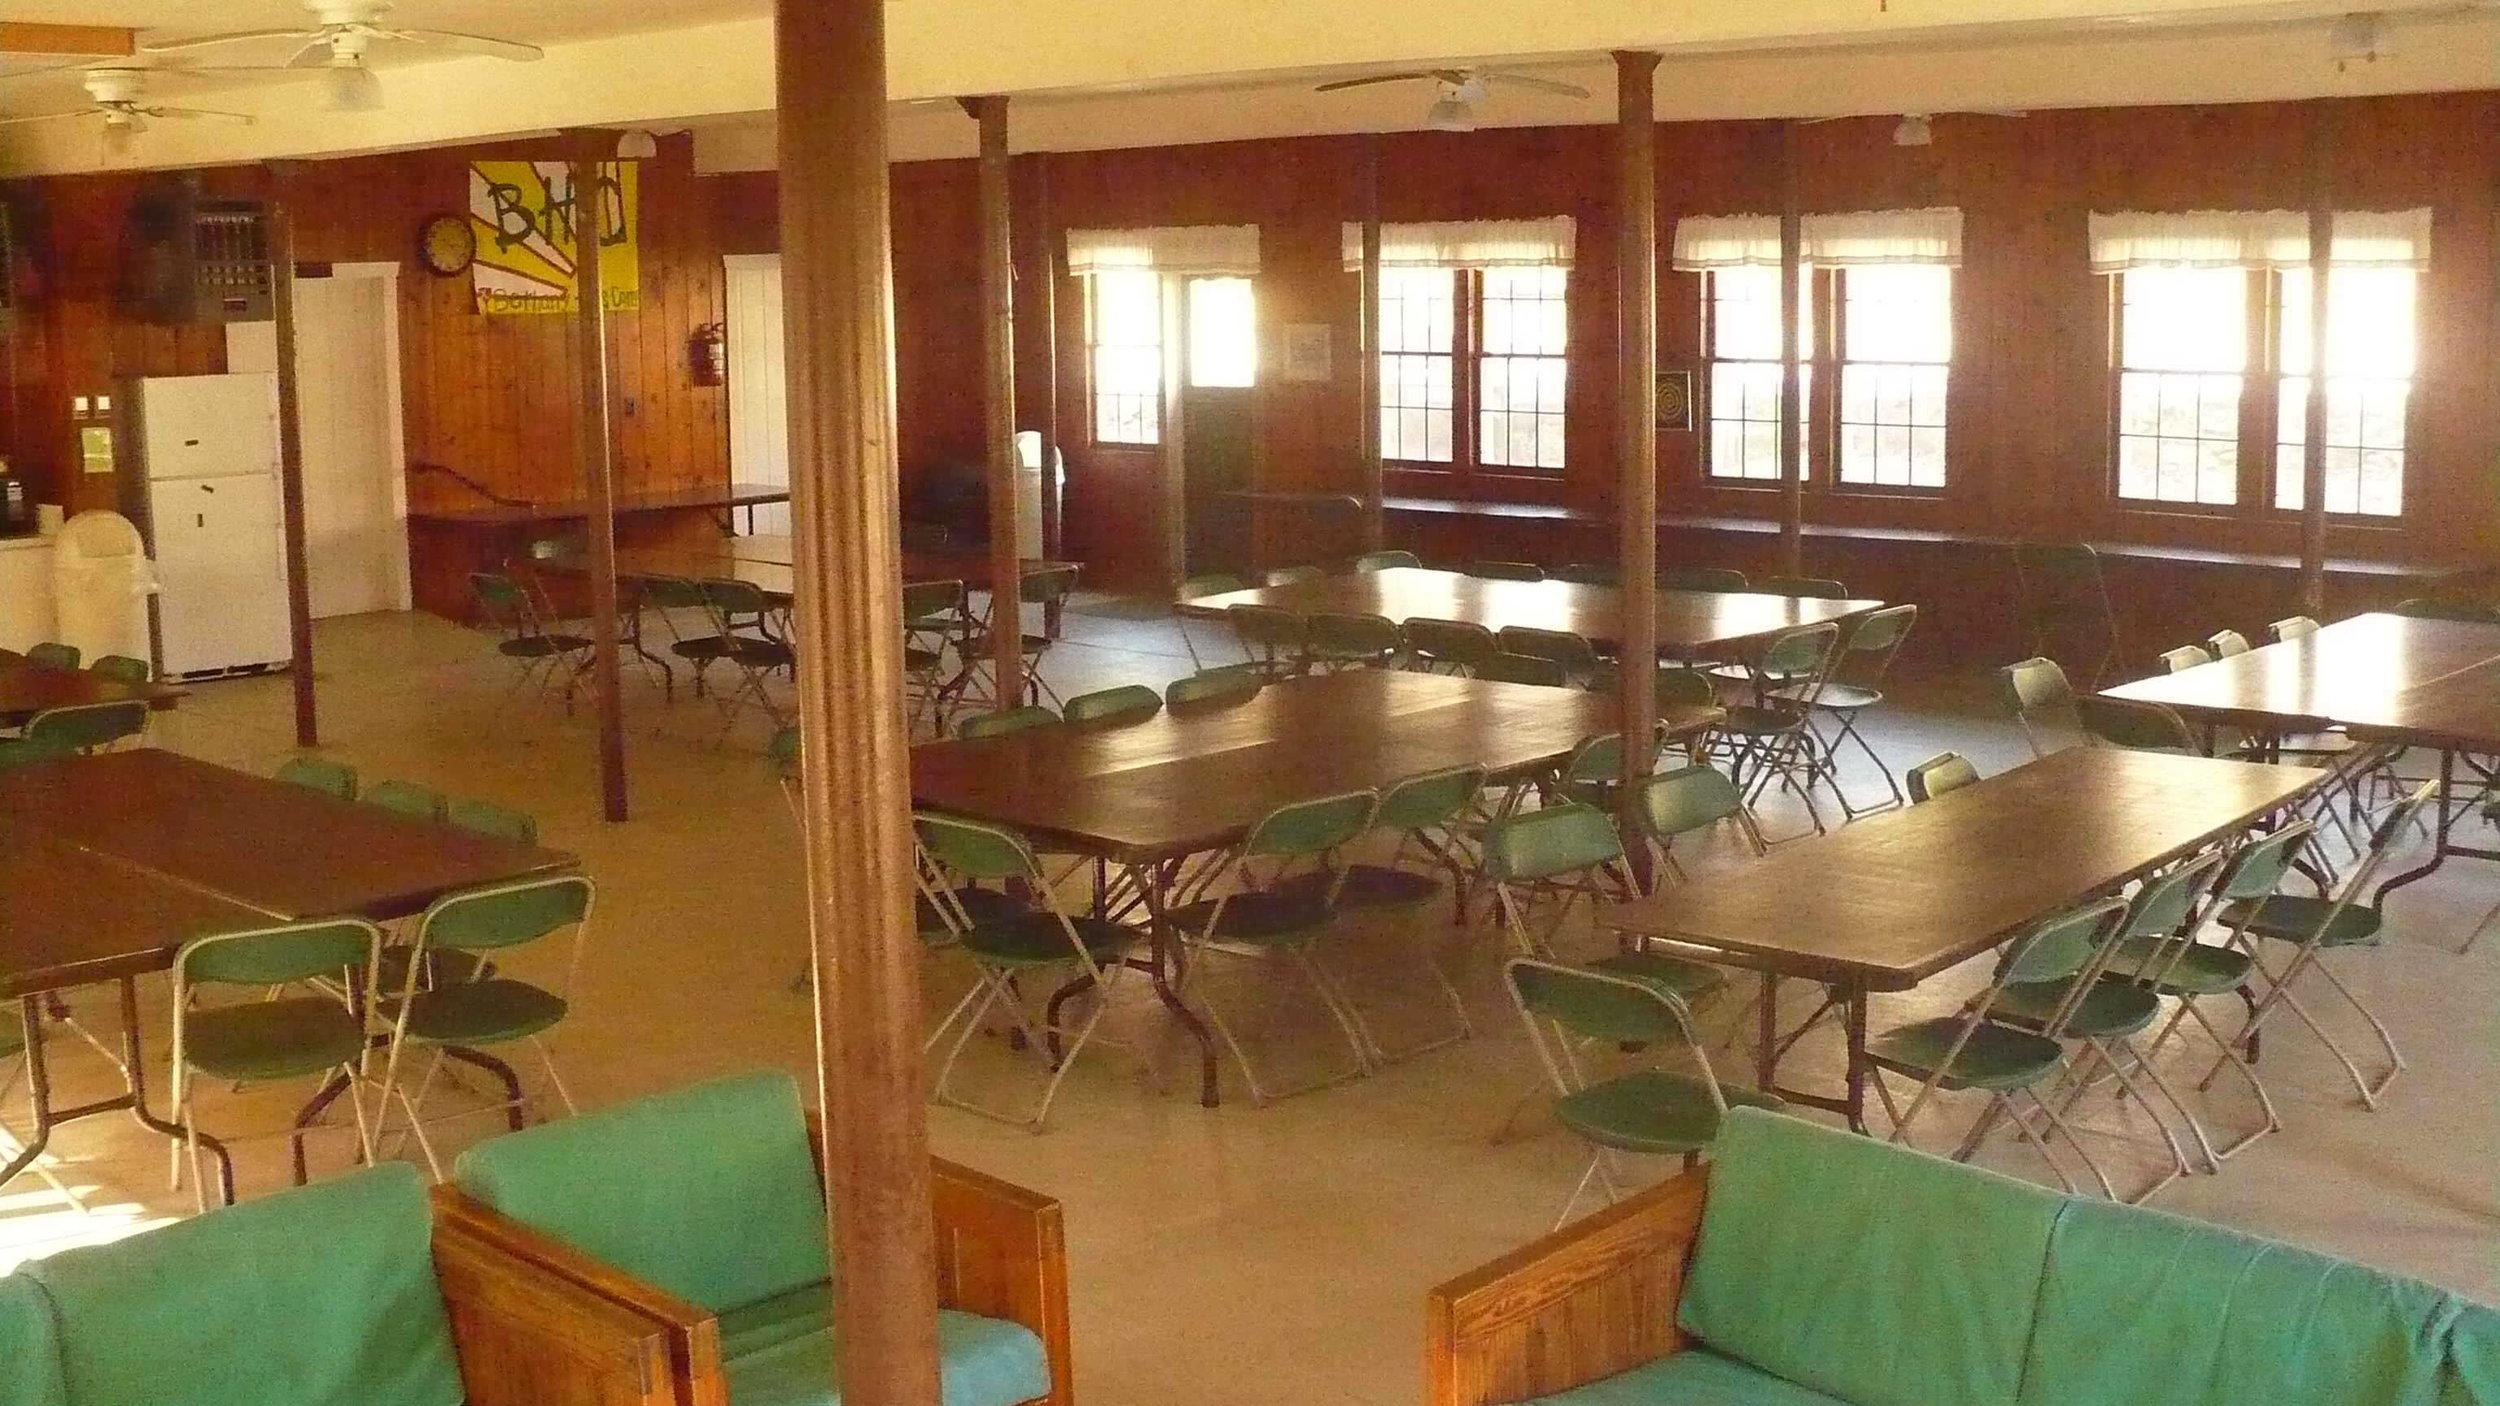 Inside Dining Hall.JPG